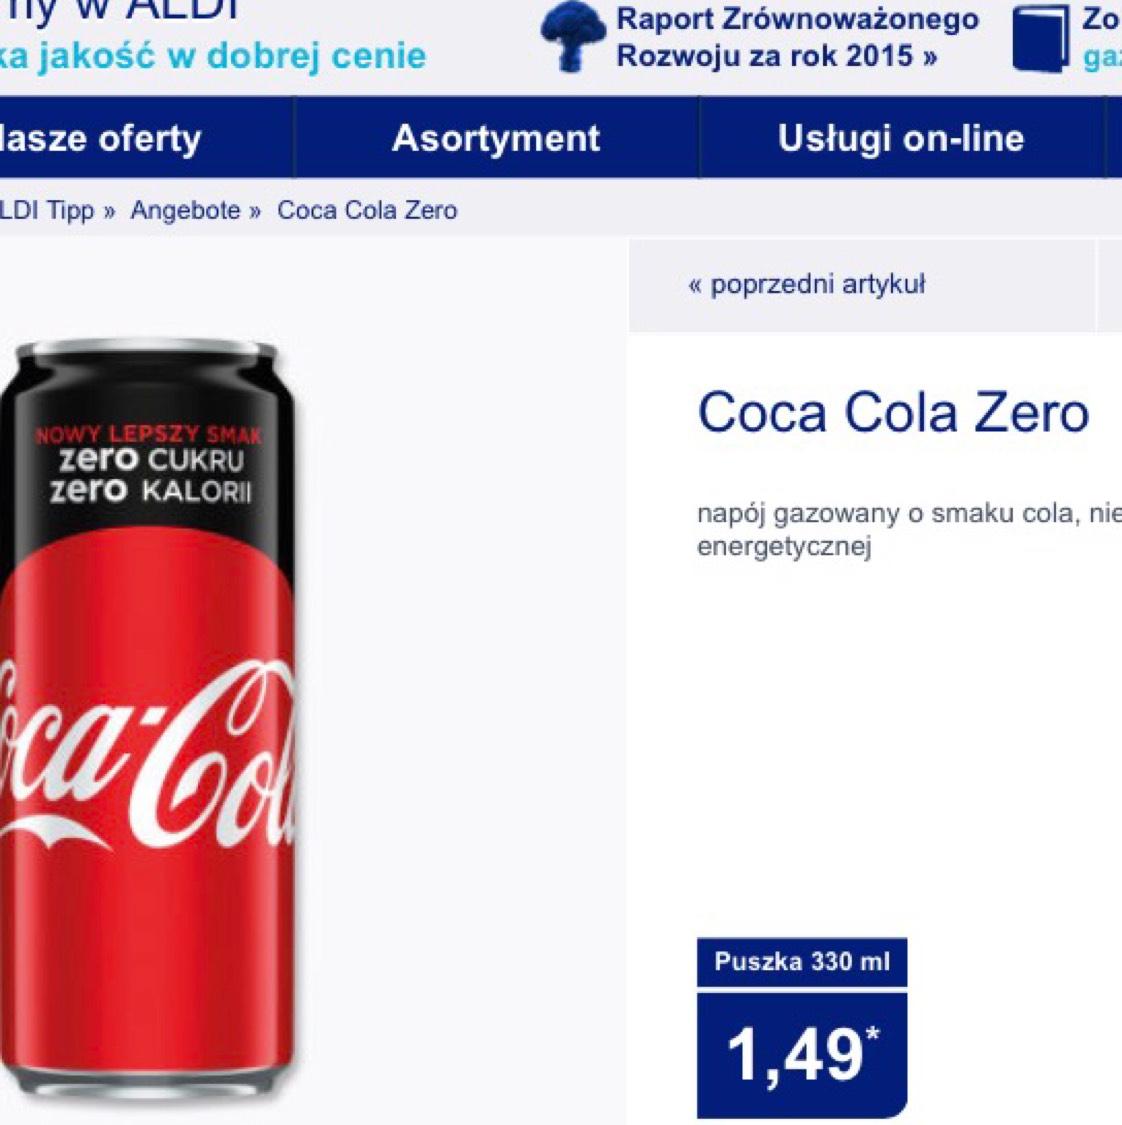 Coca-Cola Zero, Fanta puszka 330 ml Aldi